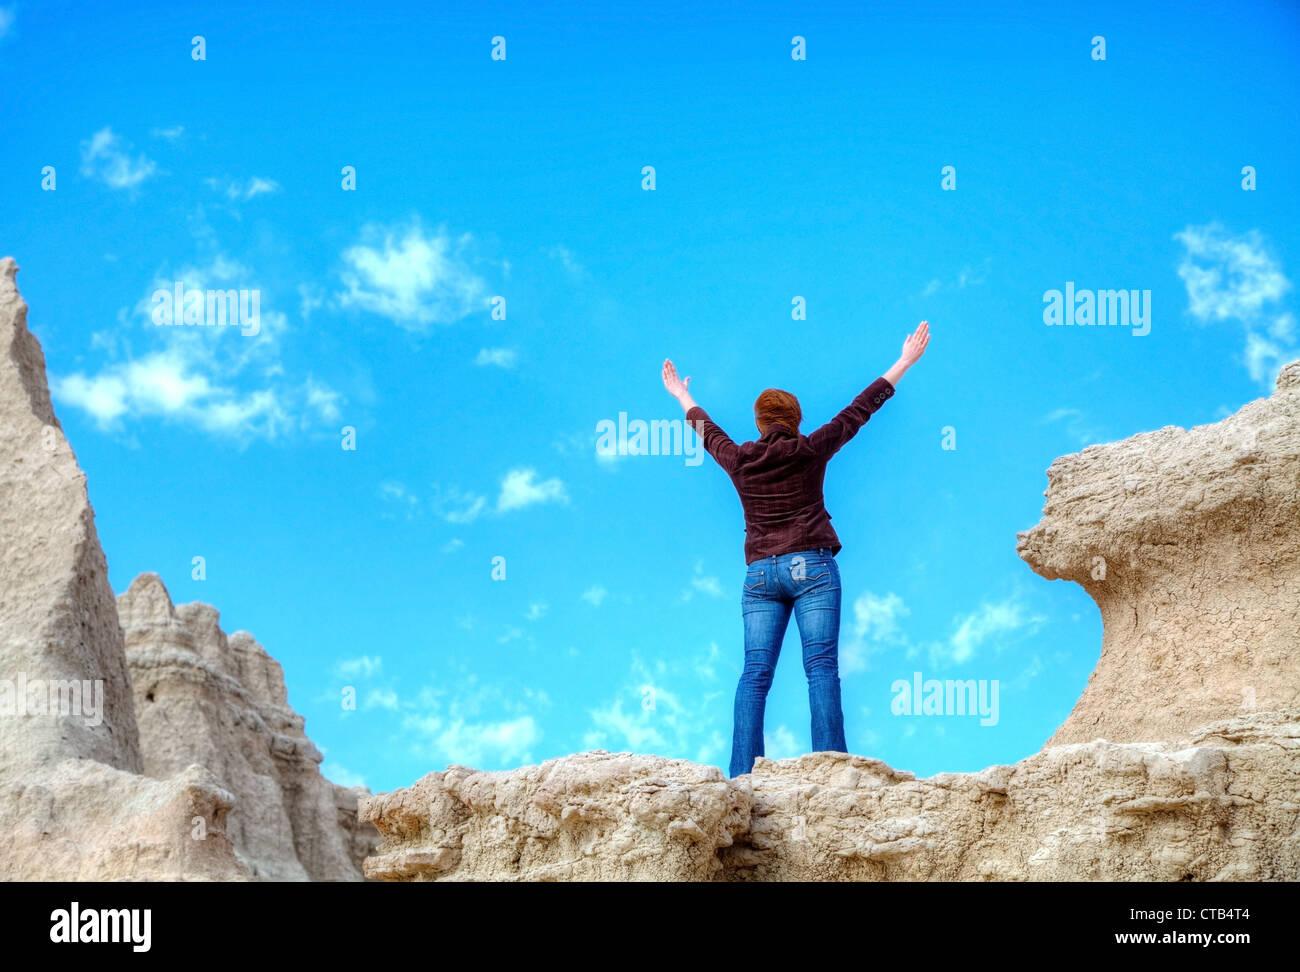 Mujer con manos levantadas contra el cielo azul Imagen De Stock